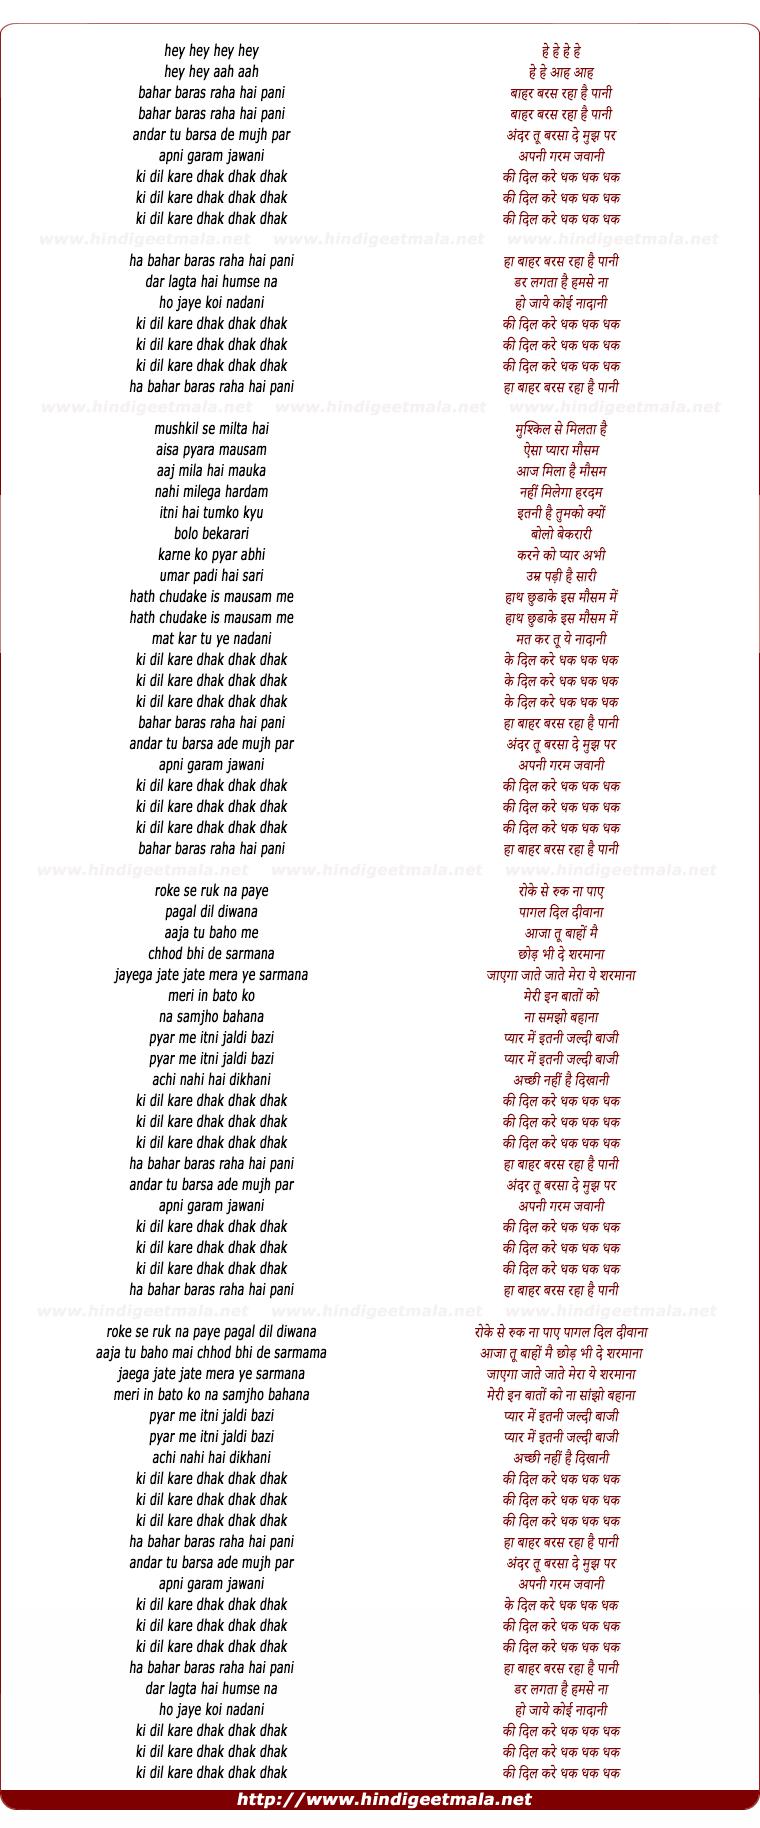 lyrics of song Bahar Baras Raha Hai Pani